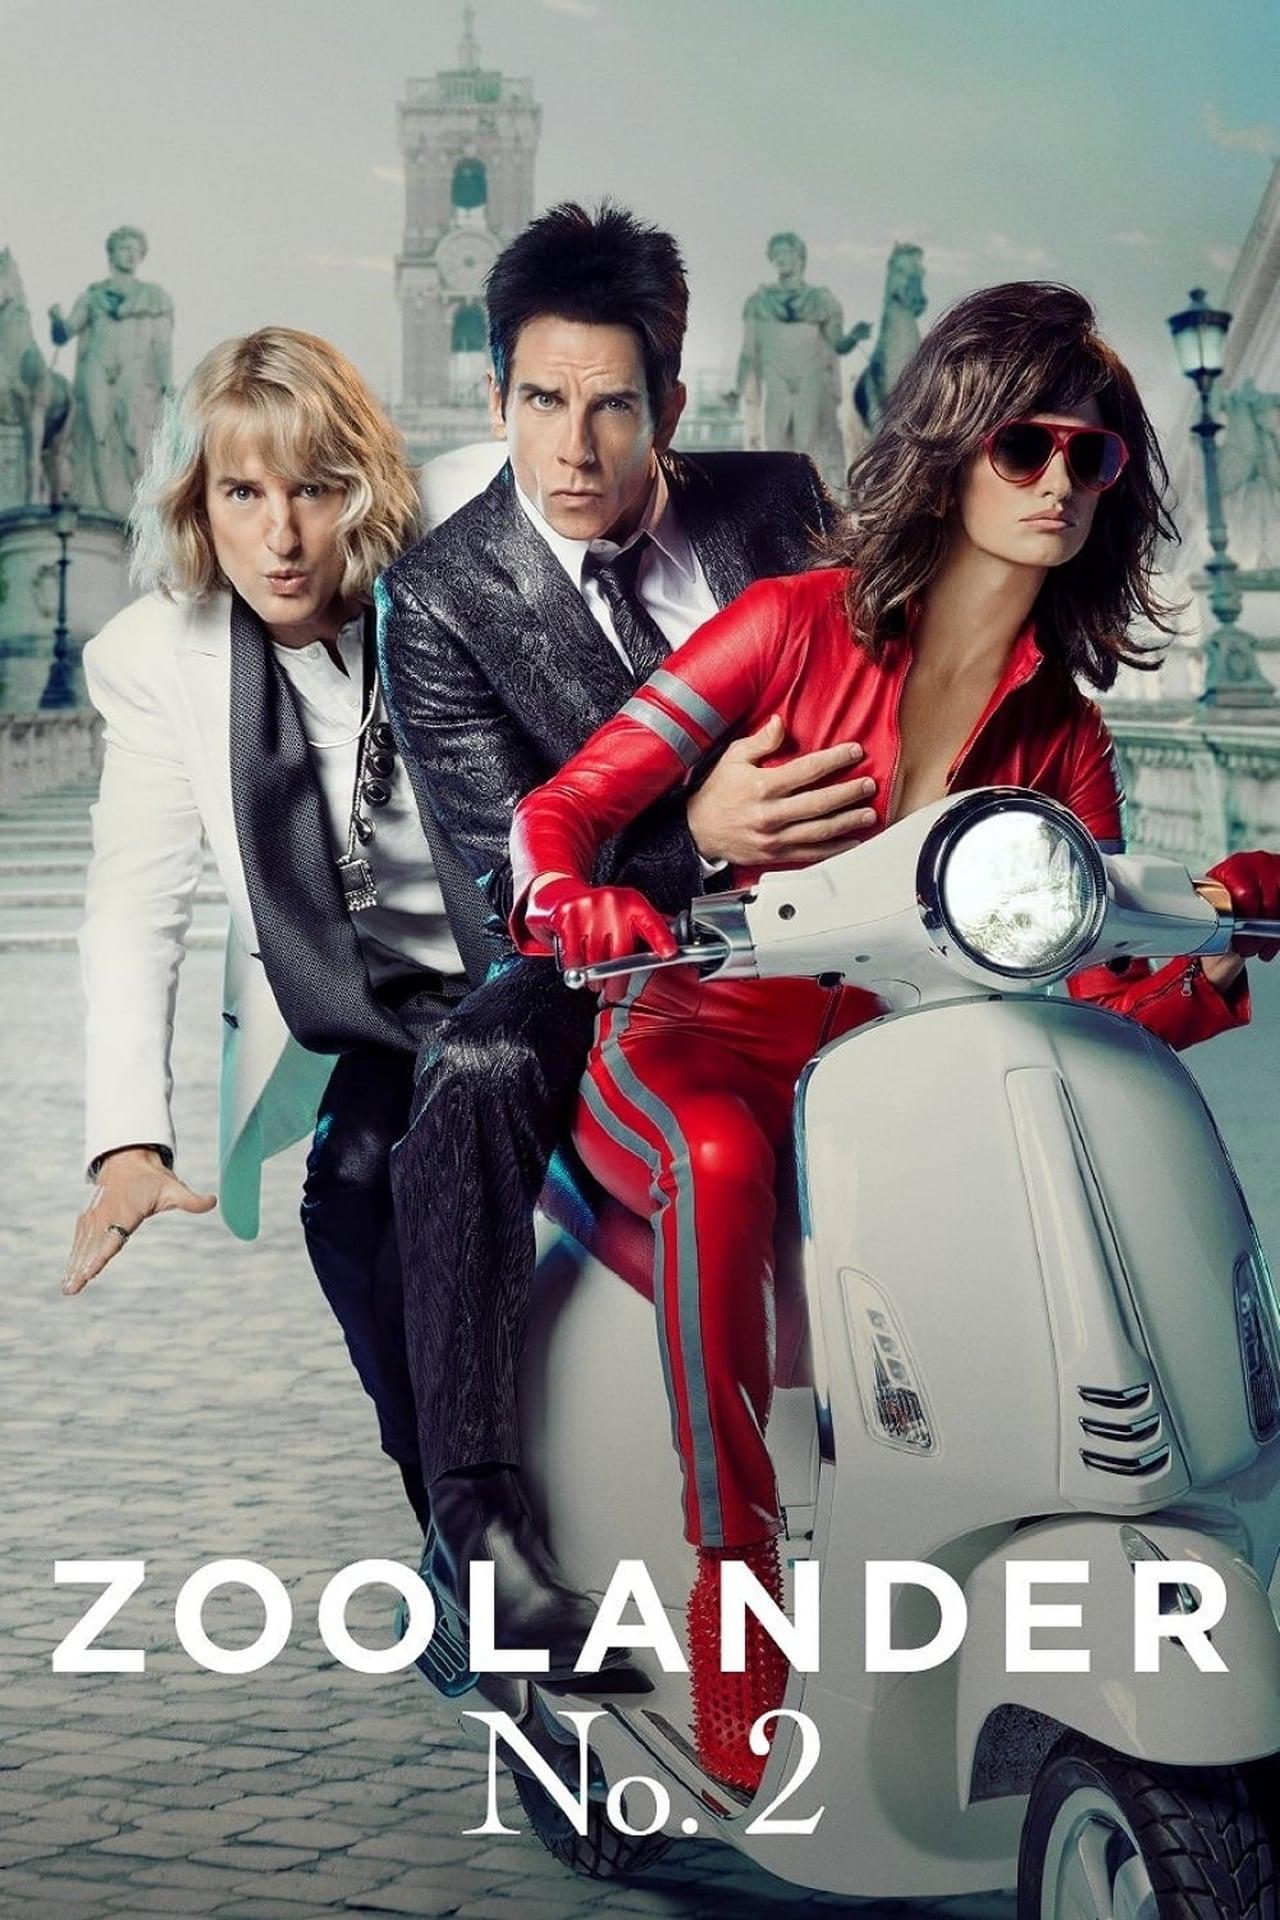 Zoolander No 2